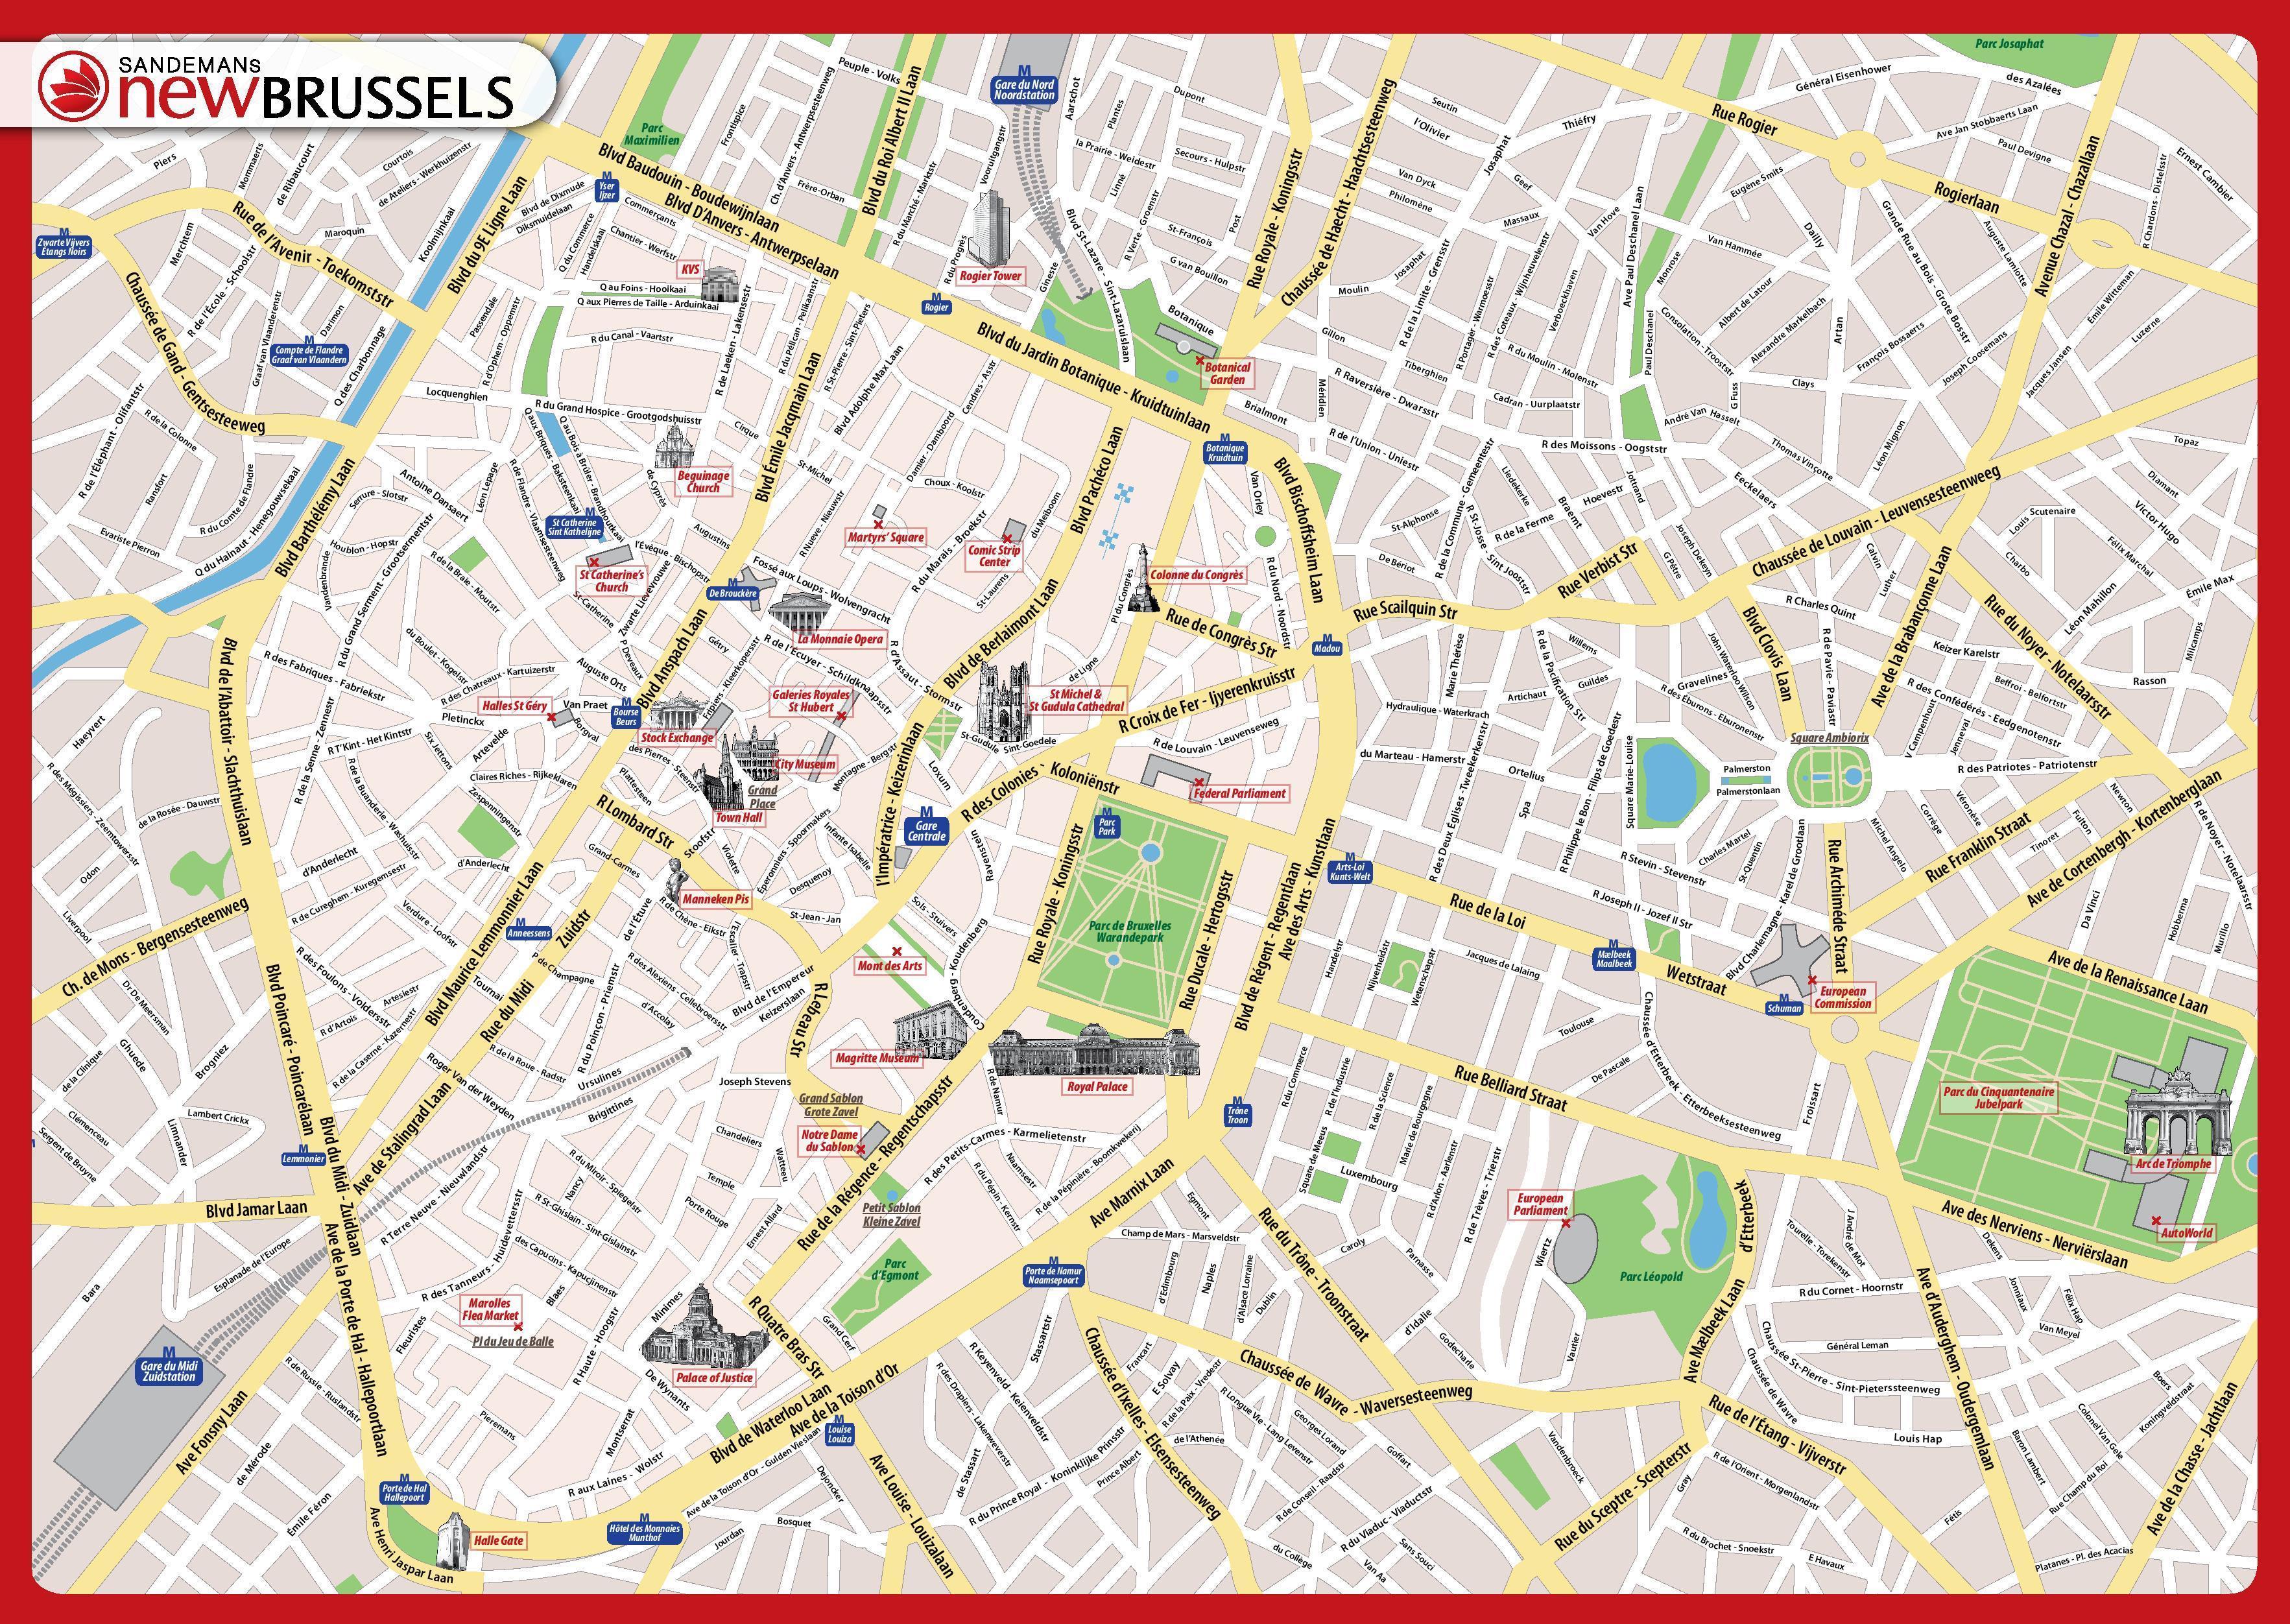 Brüssel map download - Brussels map pdf-download (Belgien)